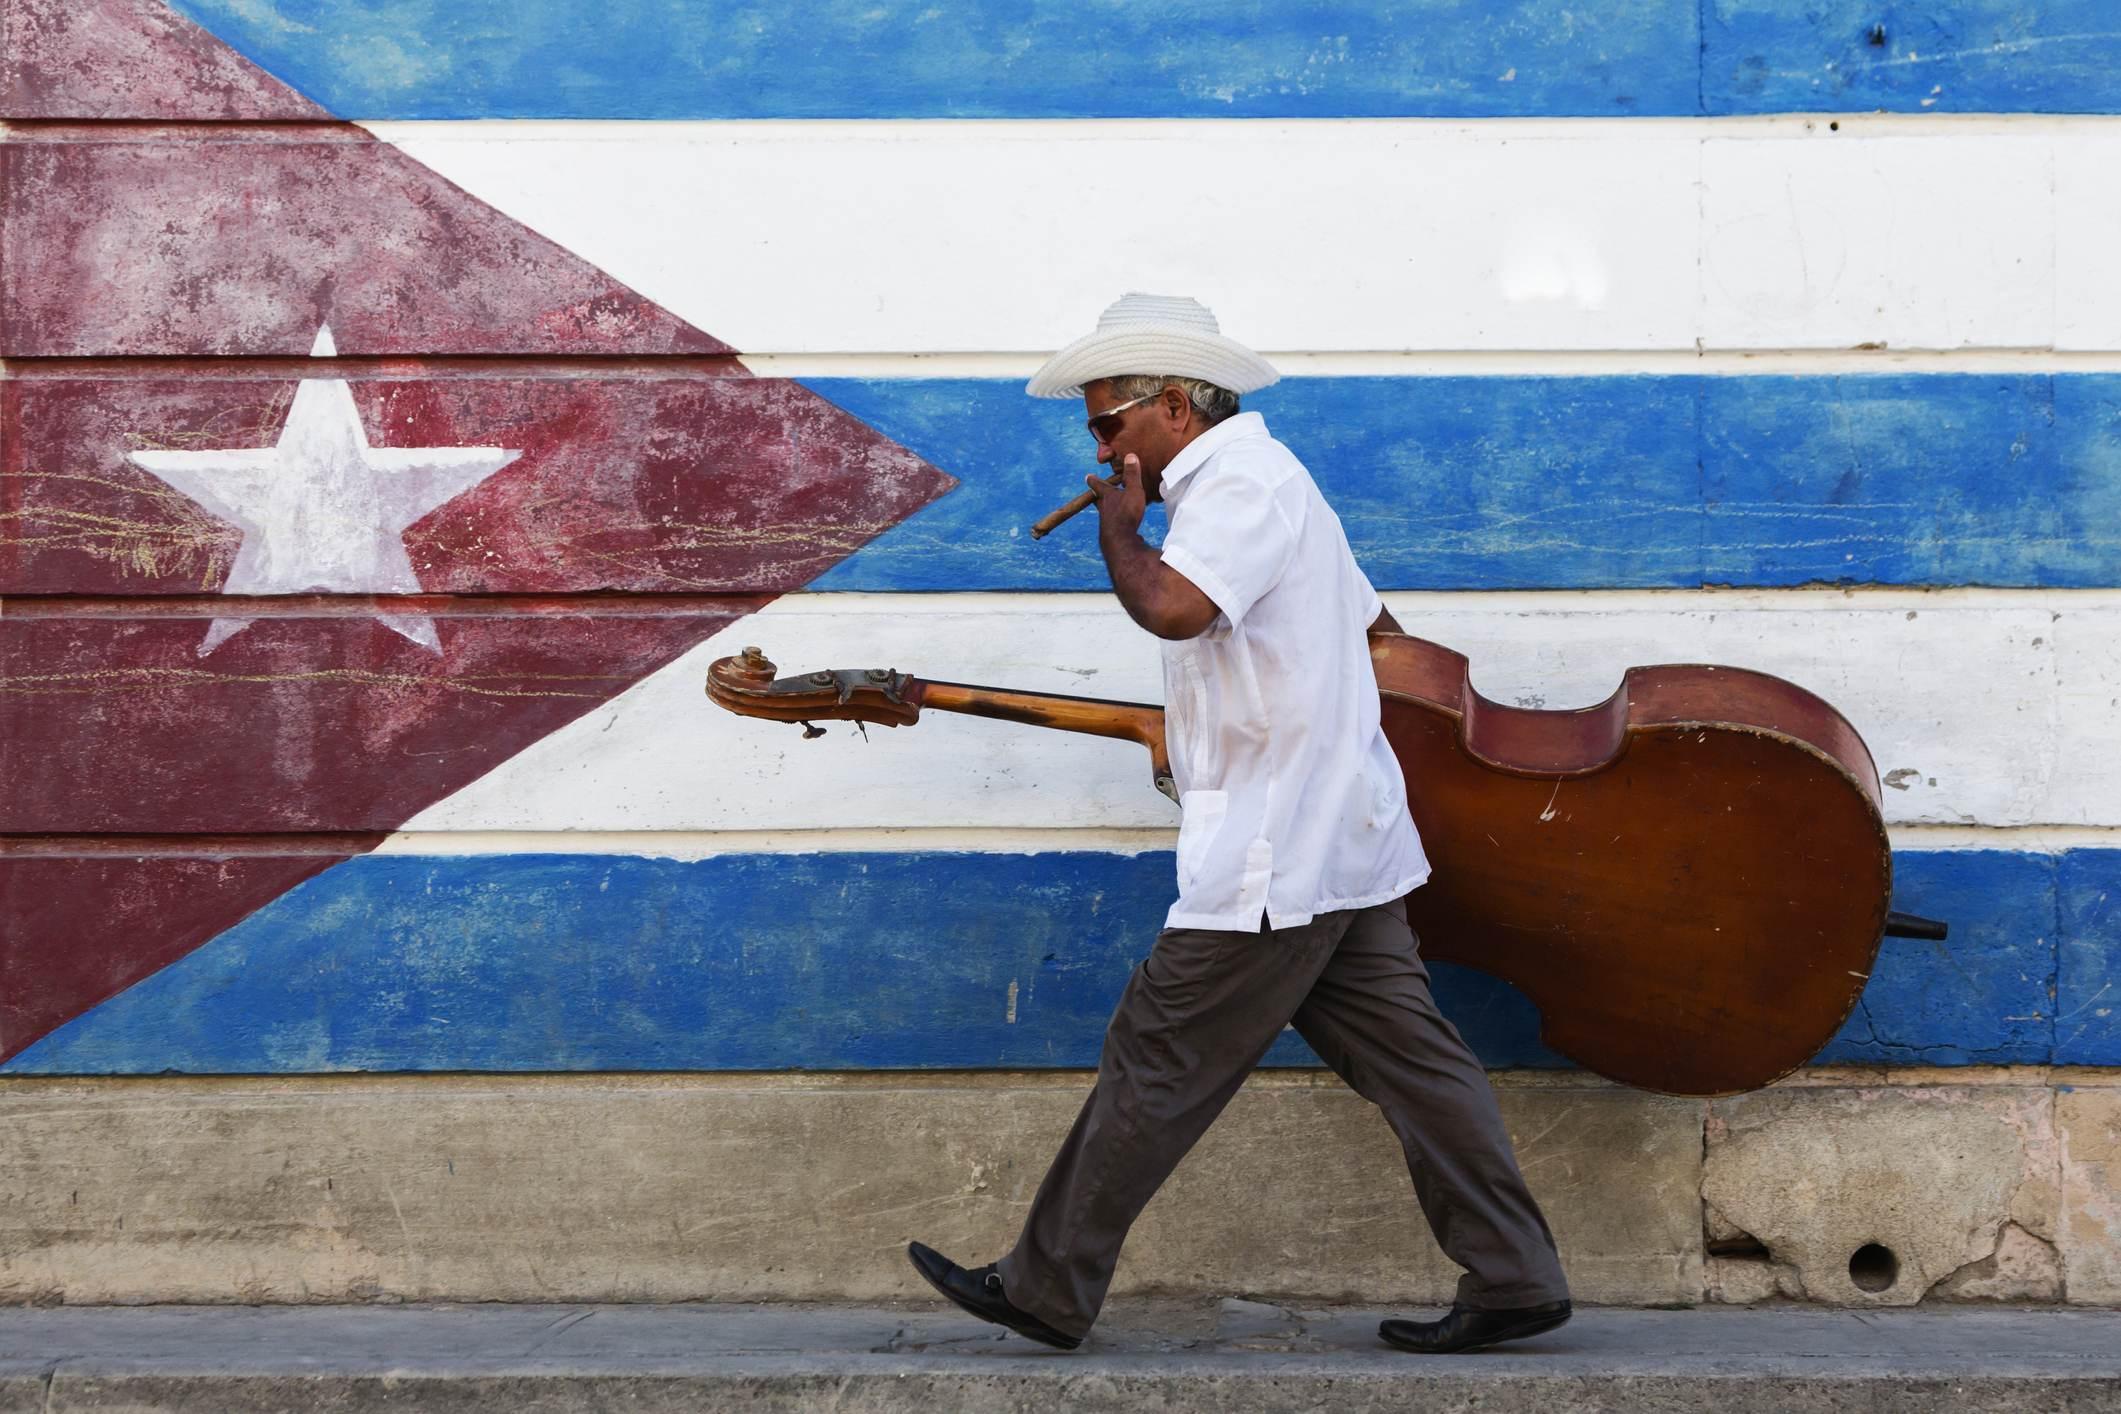 Músico cubano caminha com seu instrumento musical diante de um mural com a bande